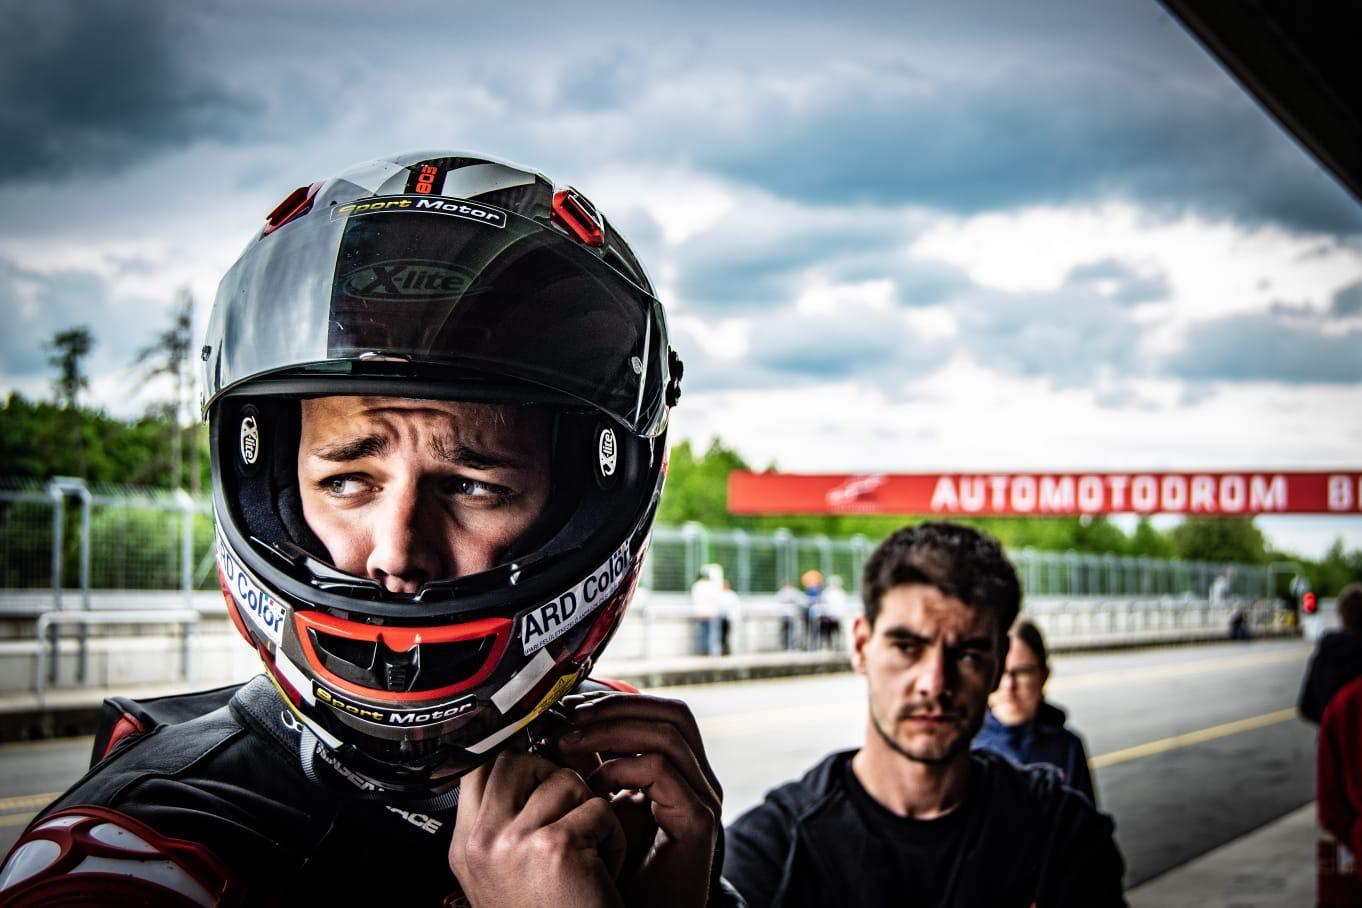 Megszólalt a Le Mans-i indulása előtt faképnél hagyott magyar motorversenyző